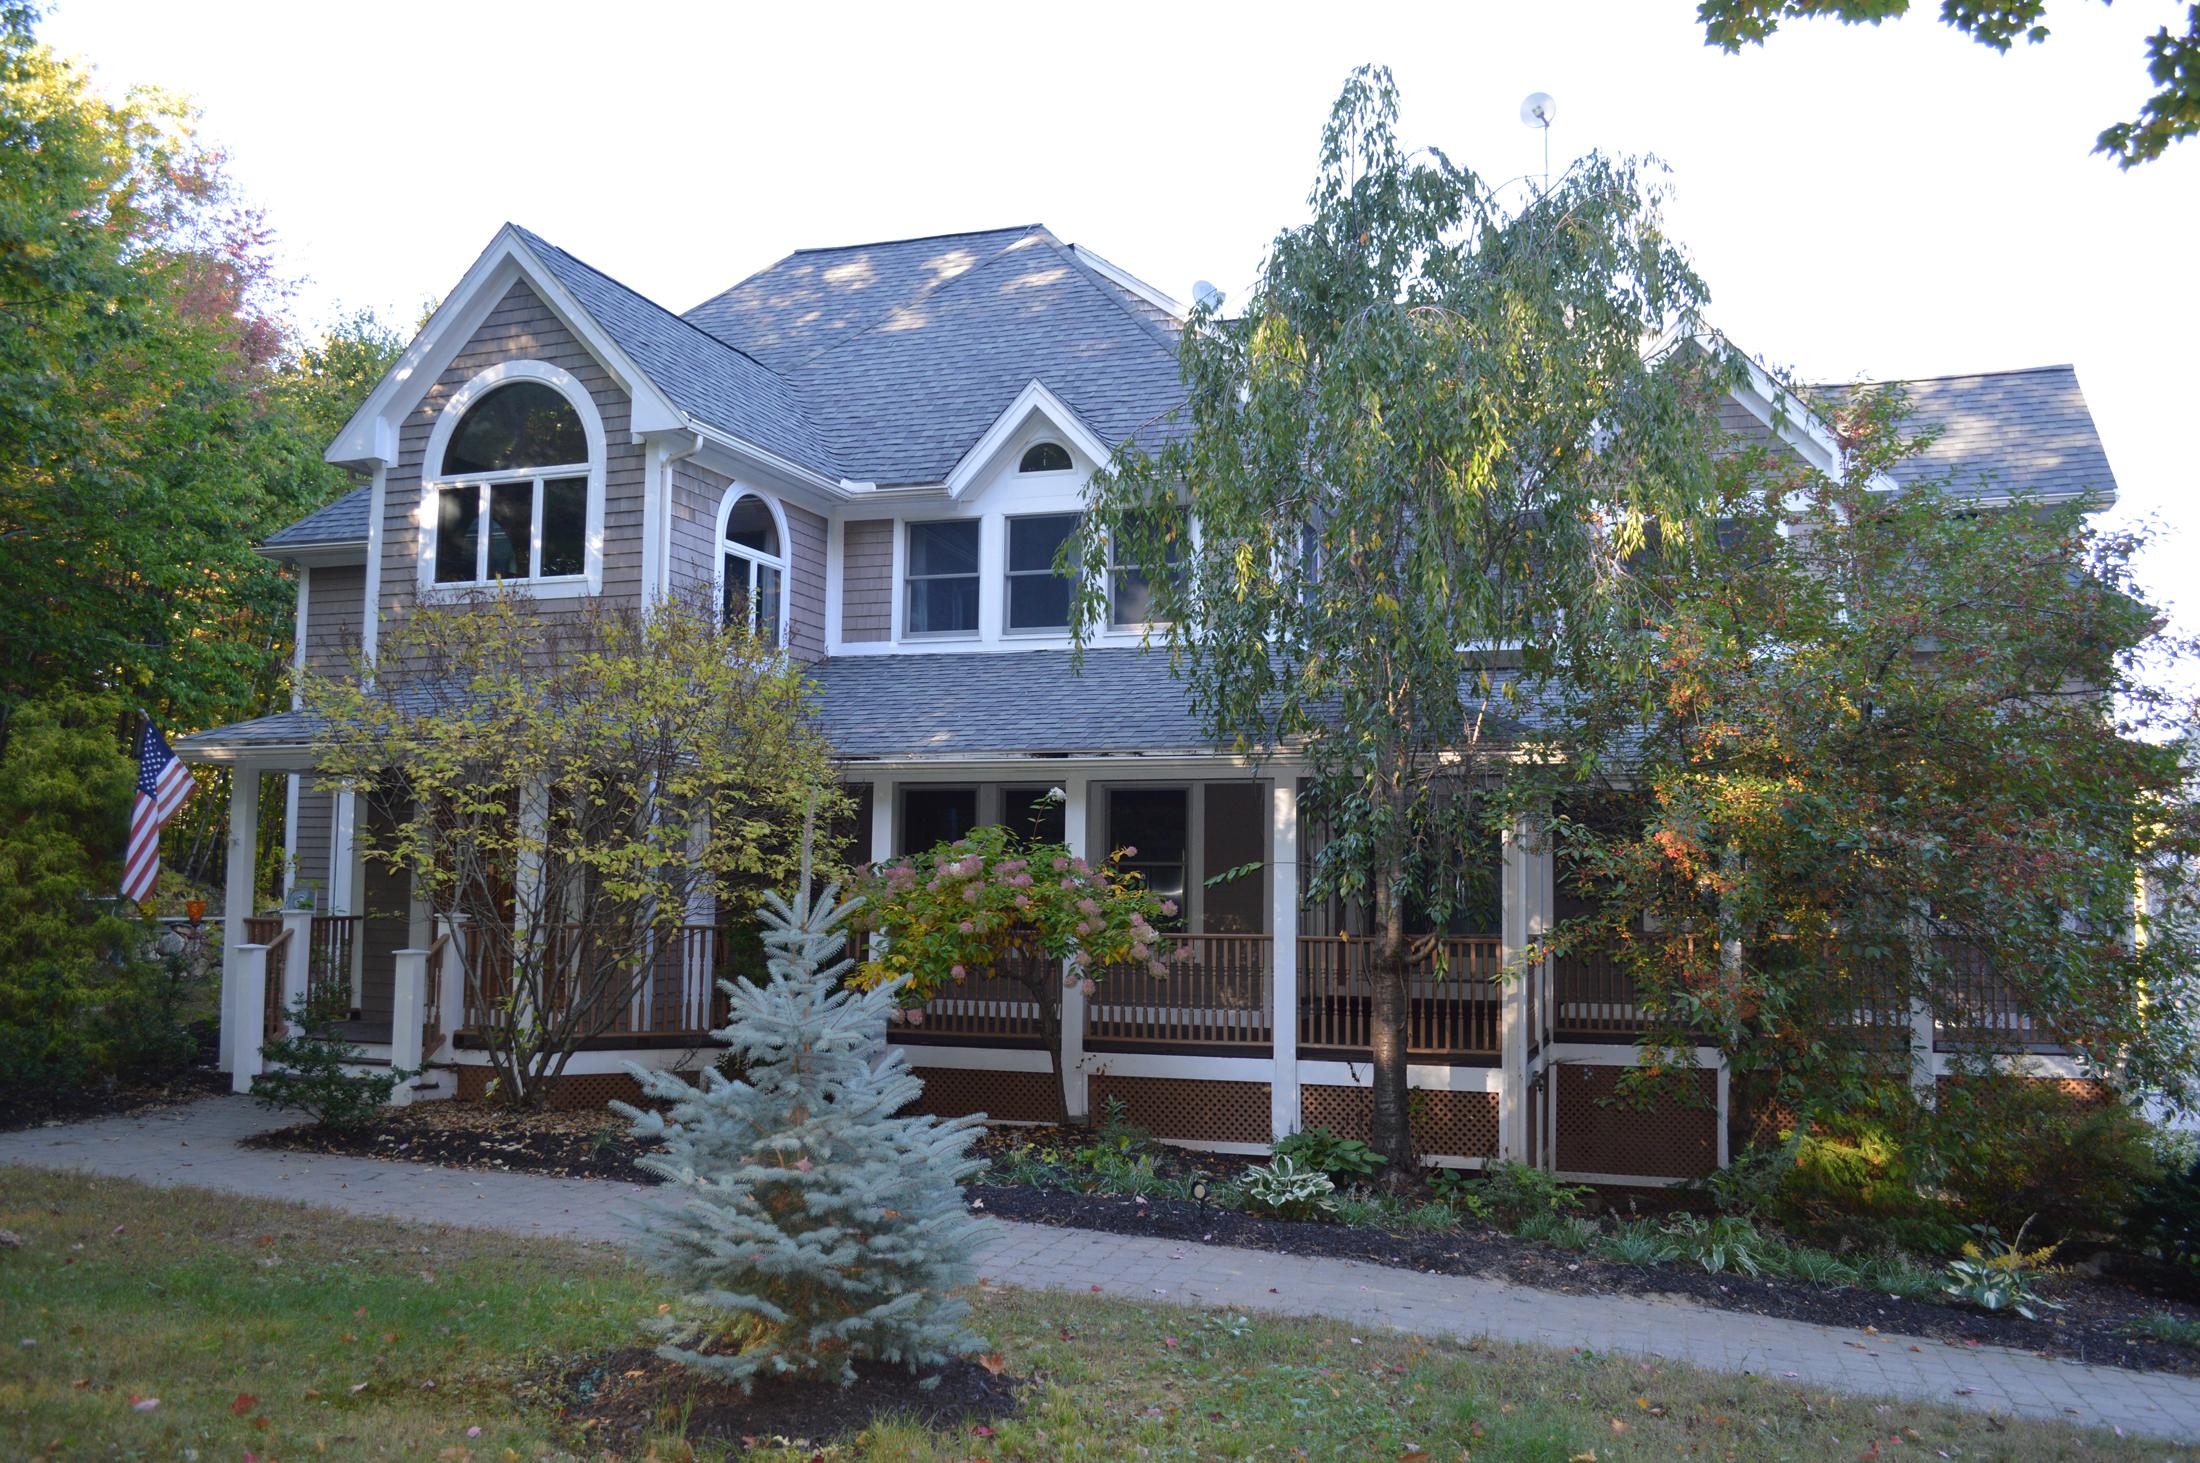 Maison unifamiliale pour l Vente à 193 Plummer Hill Road, Belmont 193 Plummer Hill Rd Belmont, New Hampshire, 03220 États-Unis